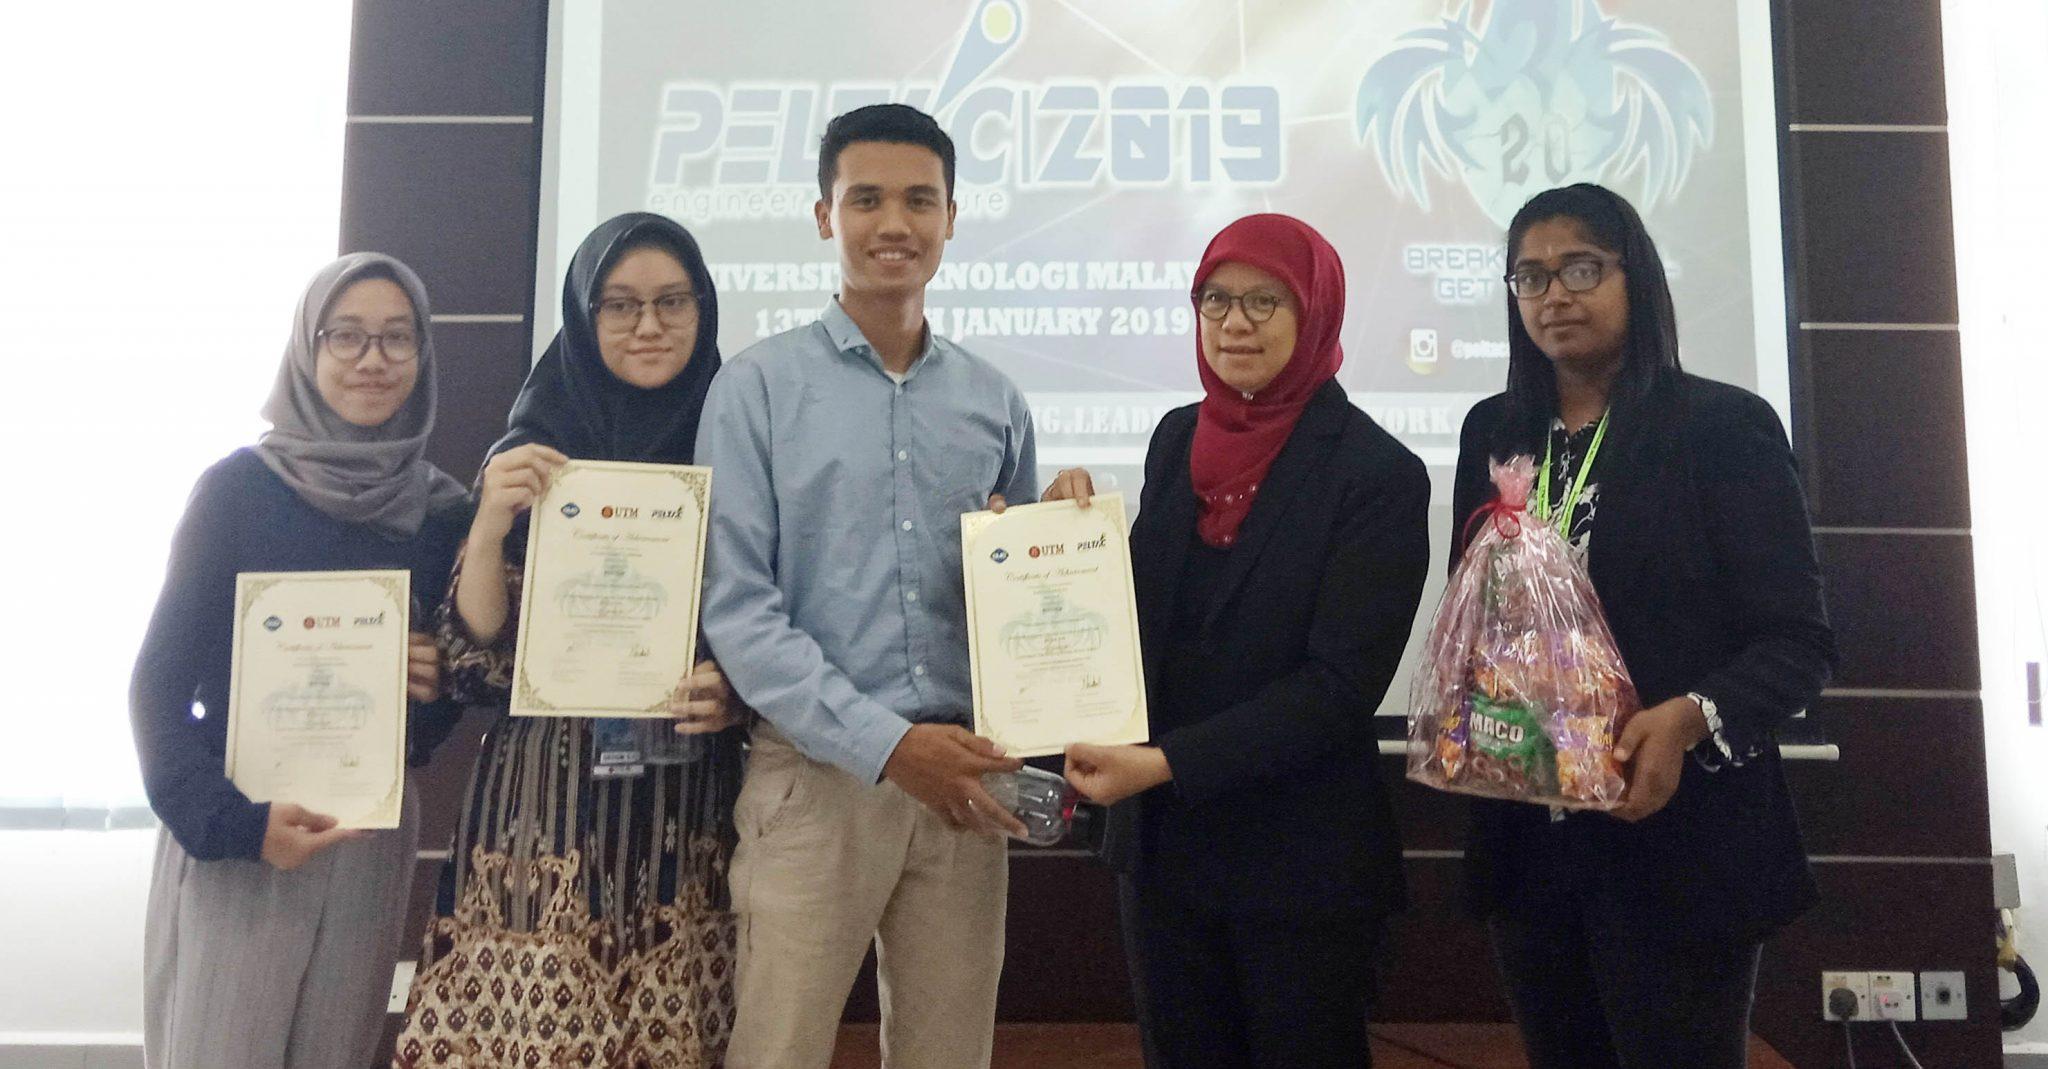 Mahasiswa UNNES Torehkan Prestasi di PELTAC Malaysia